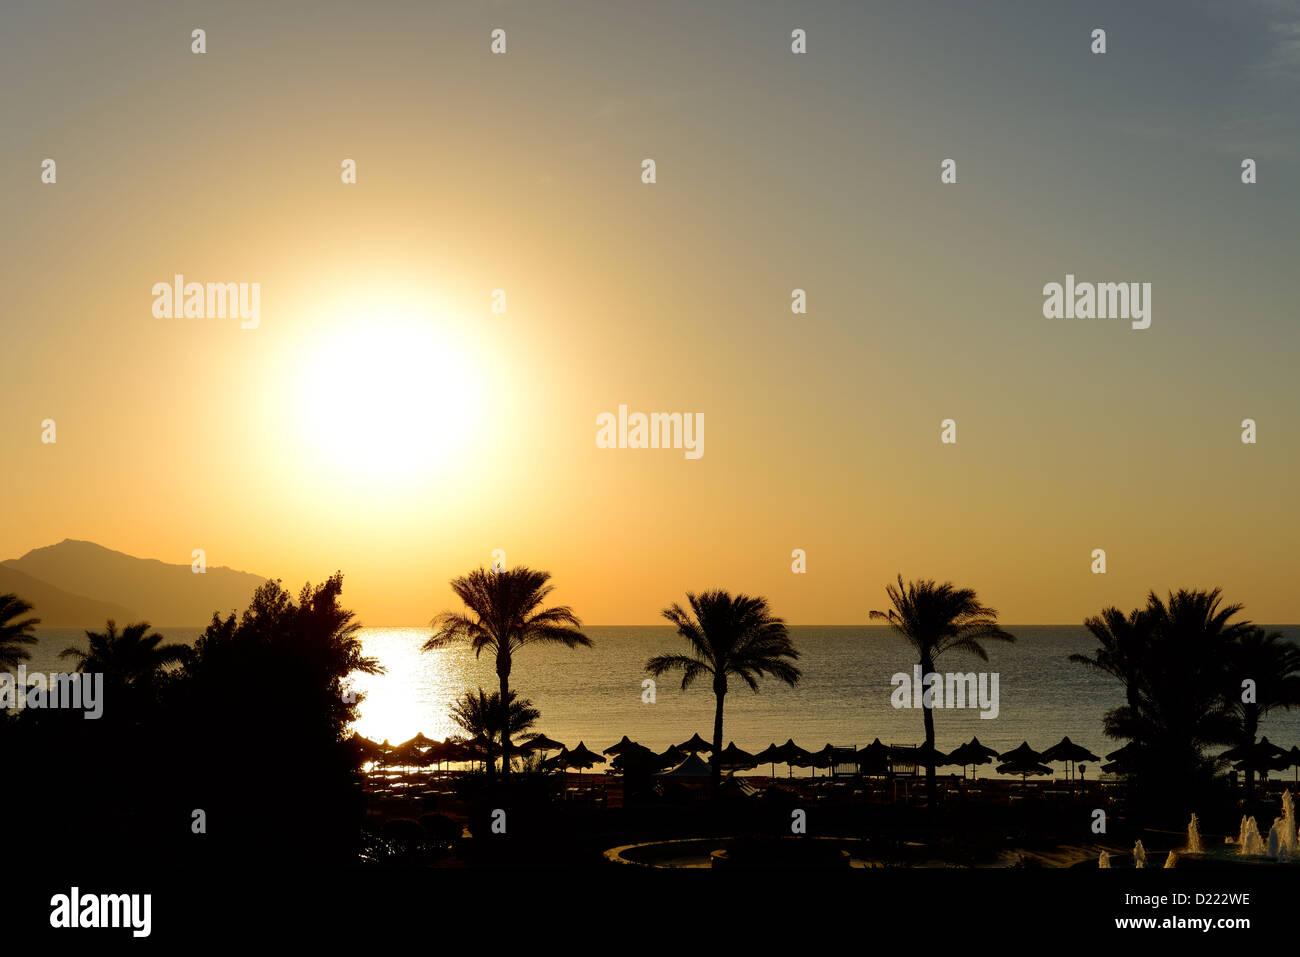 Sunrice und Strand mit Blick auf die Insel Tiran im Luxushotel, Sharm el Sheikh, Ägypten Stockbild